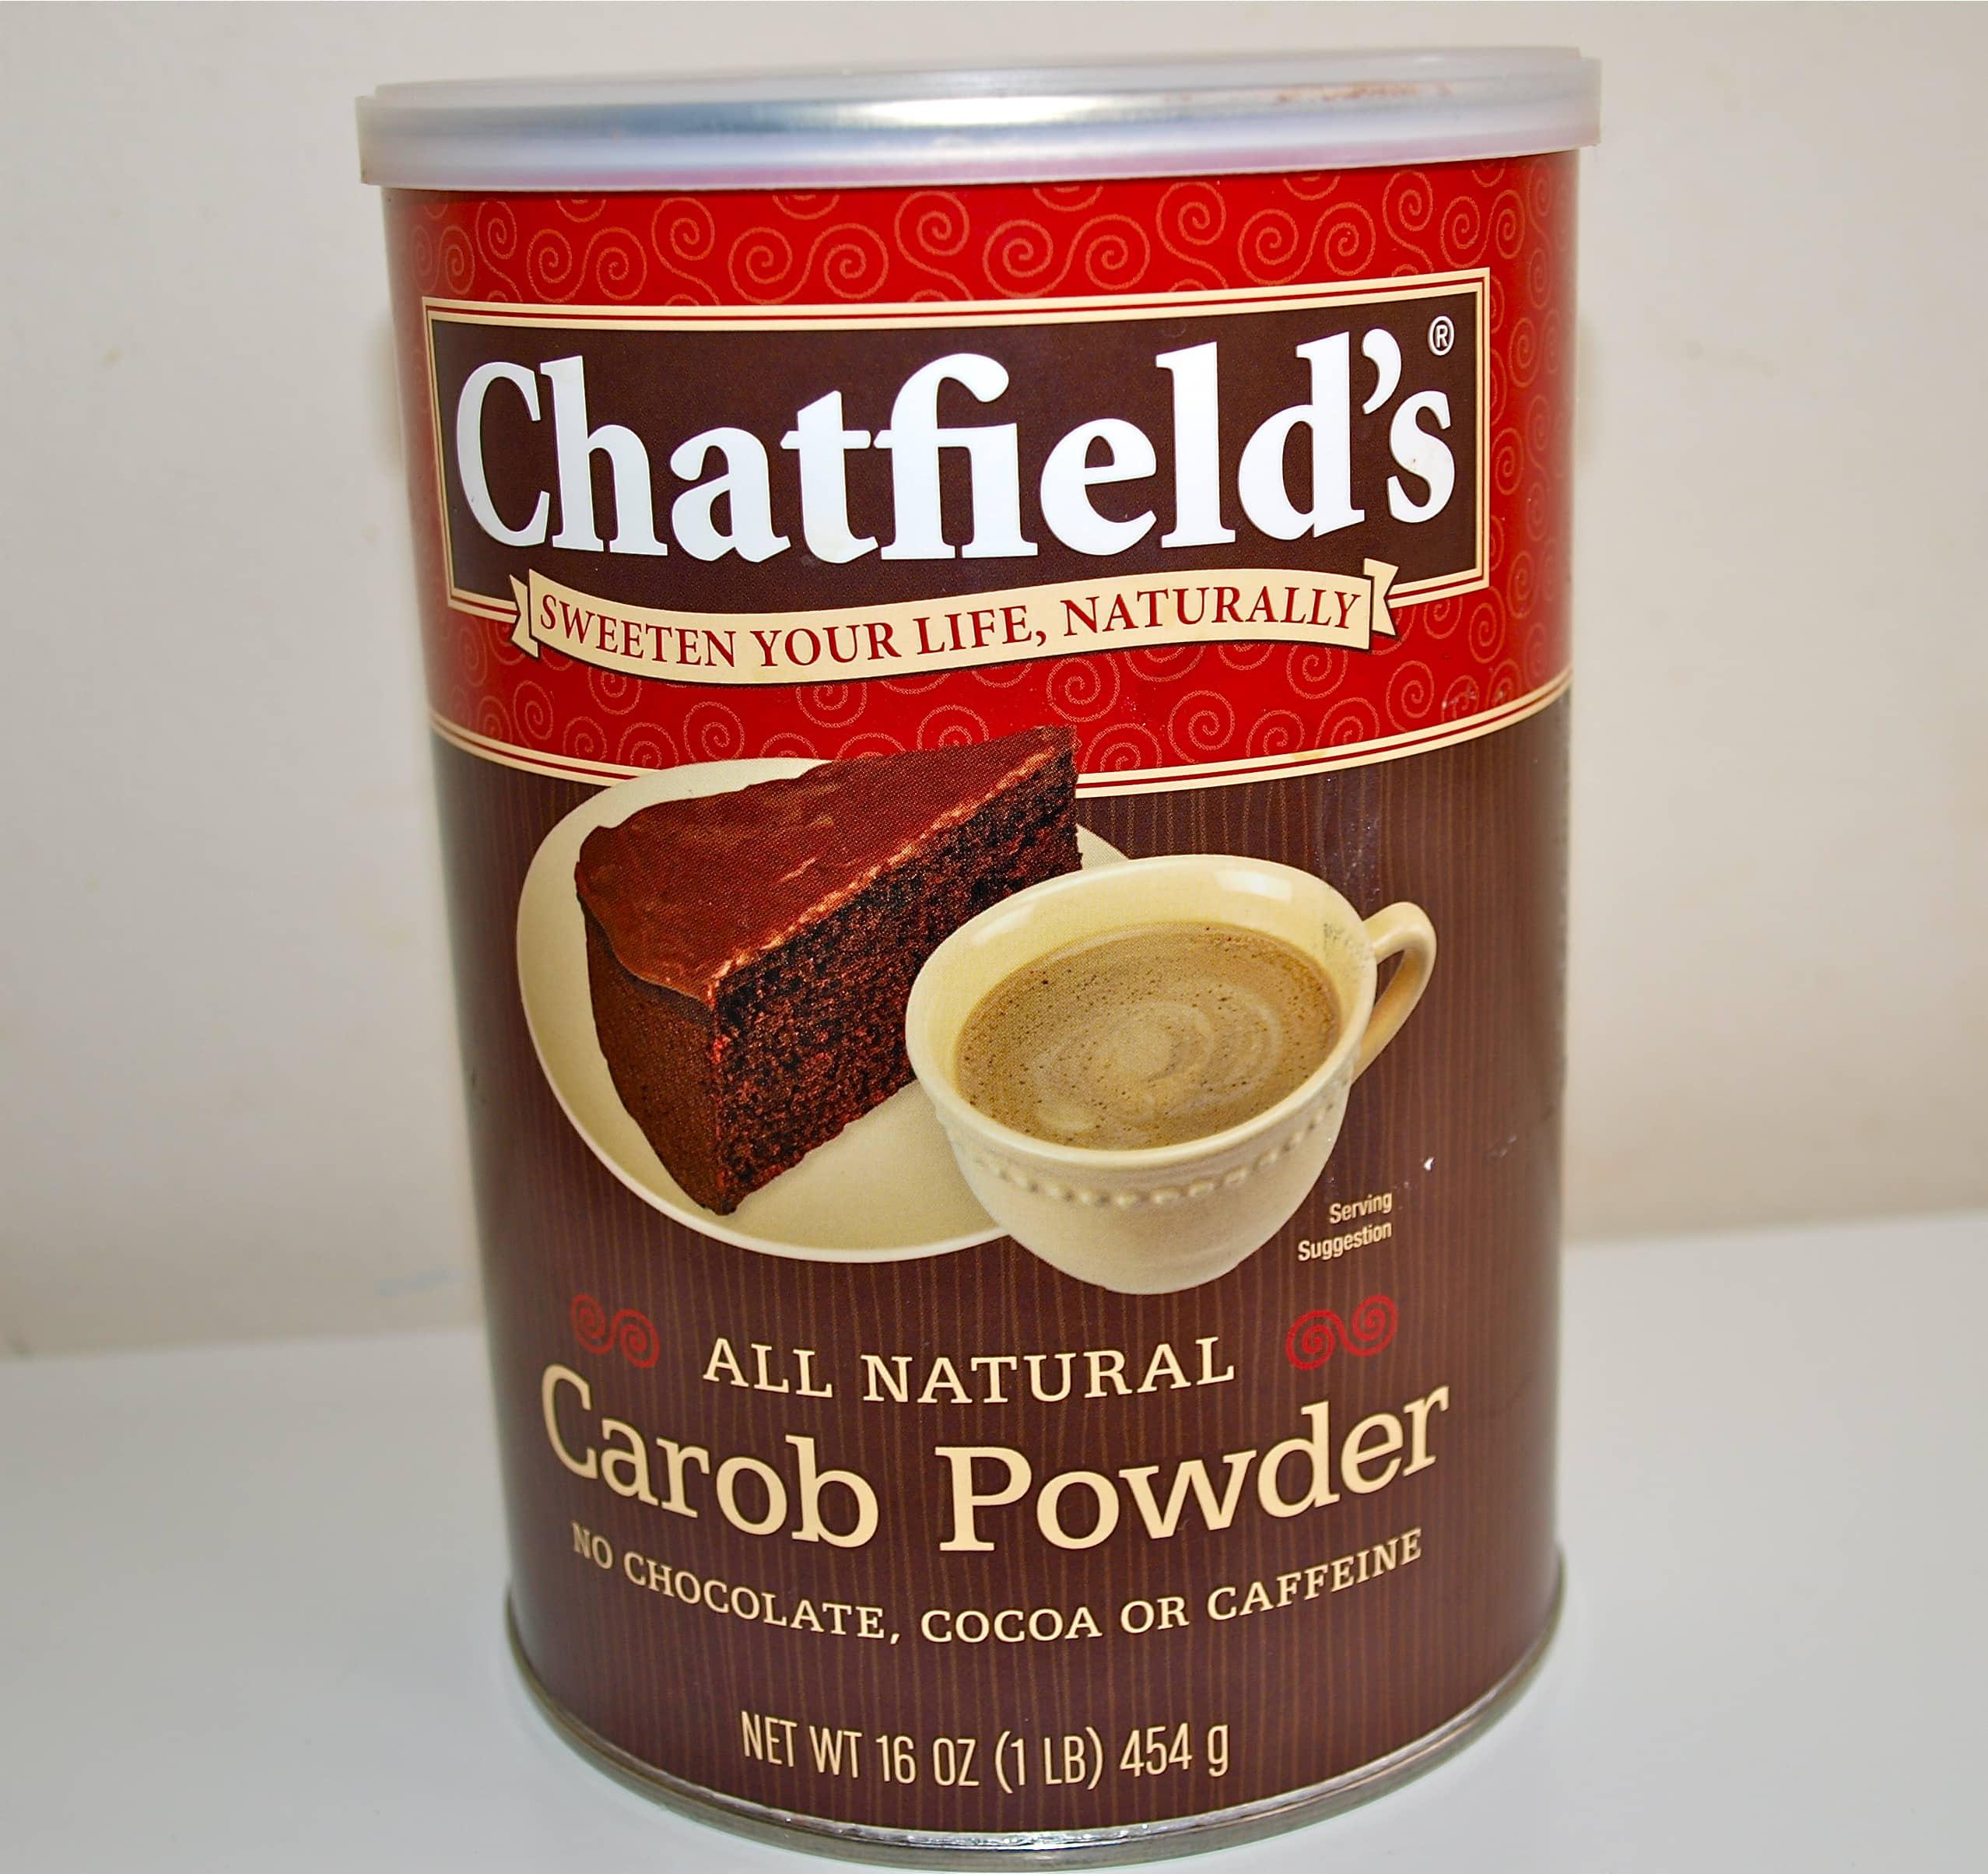 How to make carob powder